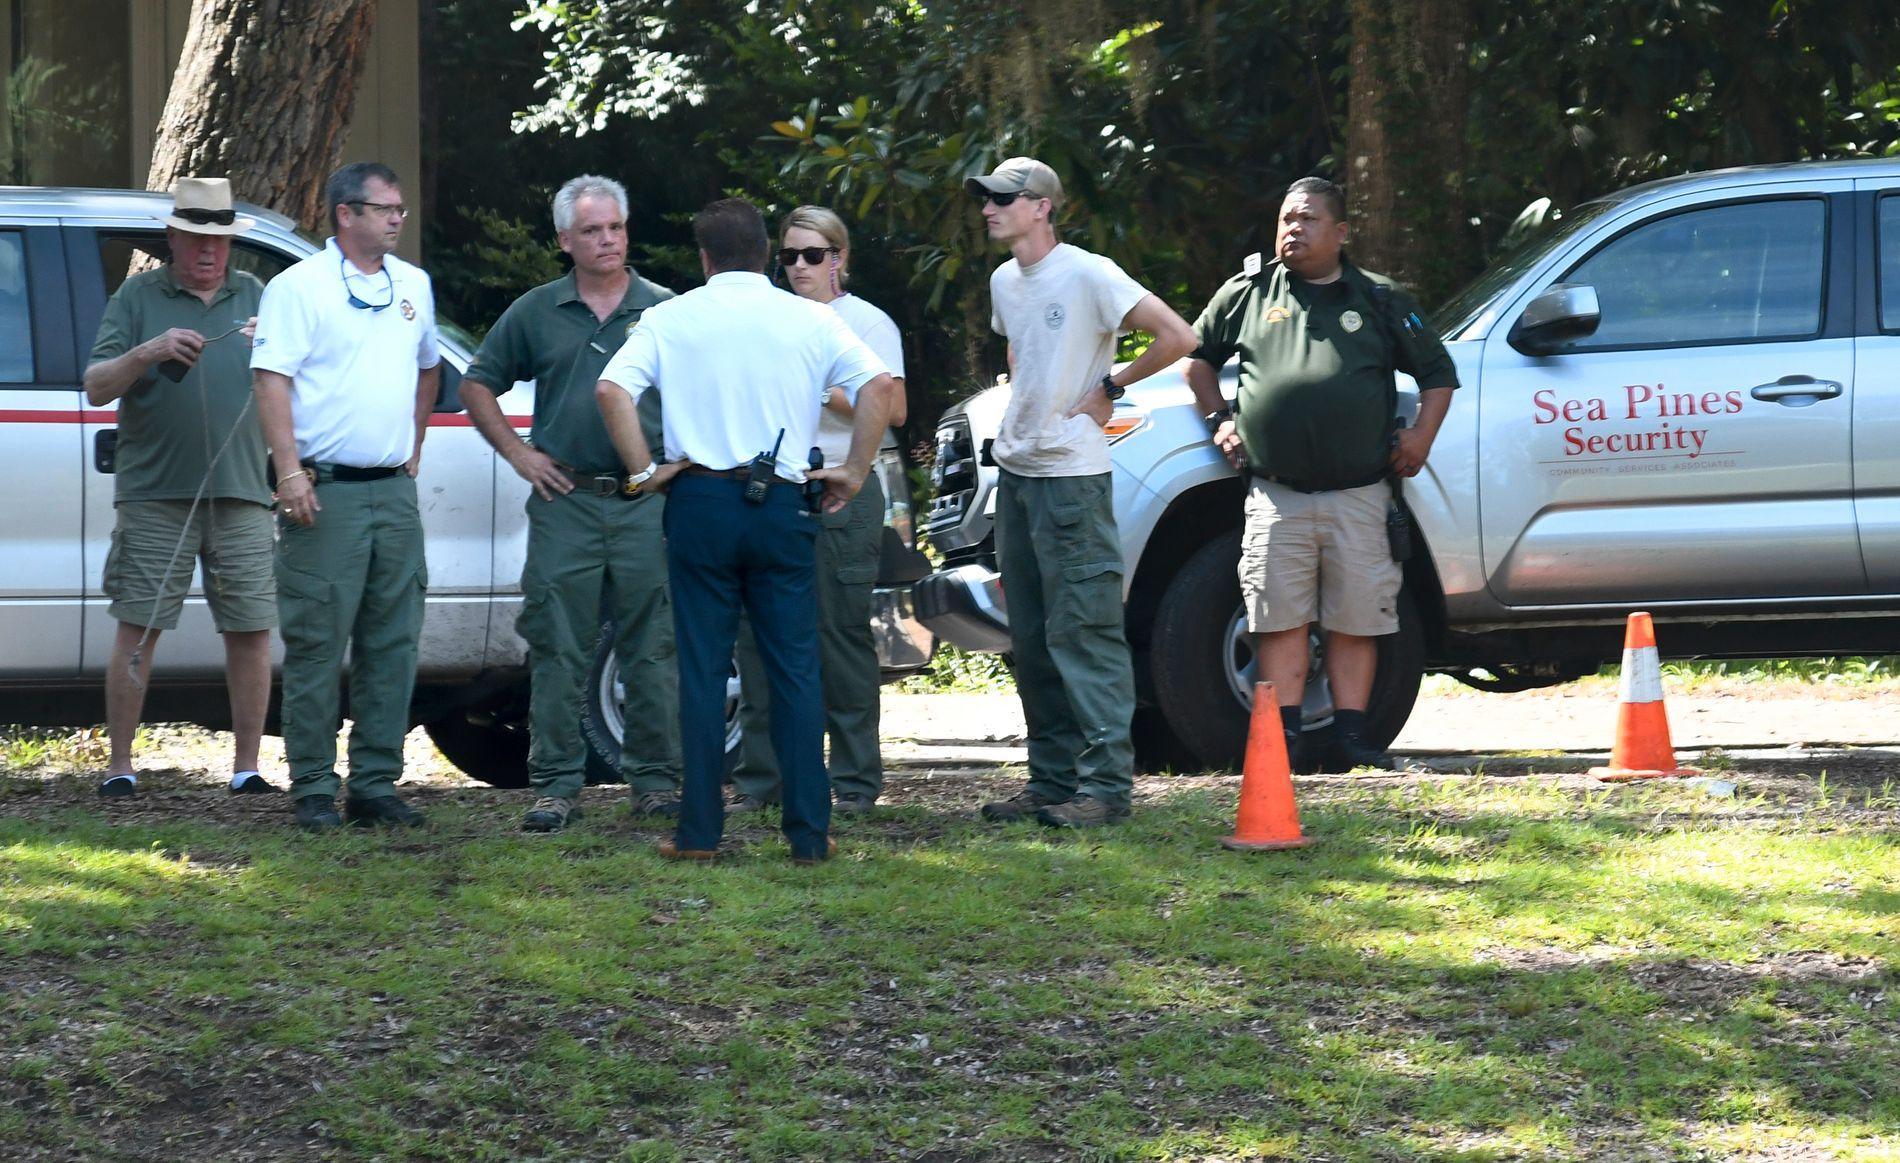 ÅSTED: Lokale myndigheter og vektere fra det private boligfeltet Sea Pines på plass like ved der Cassandra Cline ble dratt ned i vannet på Hilton Head mandag.